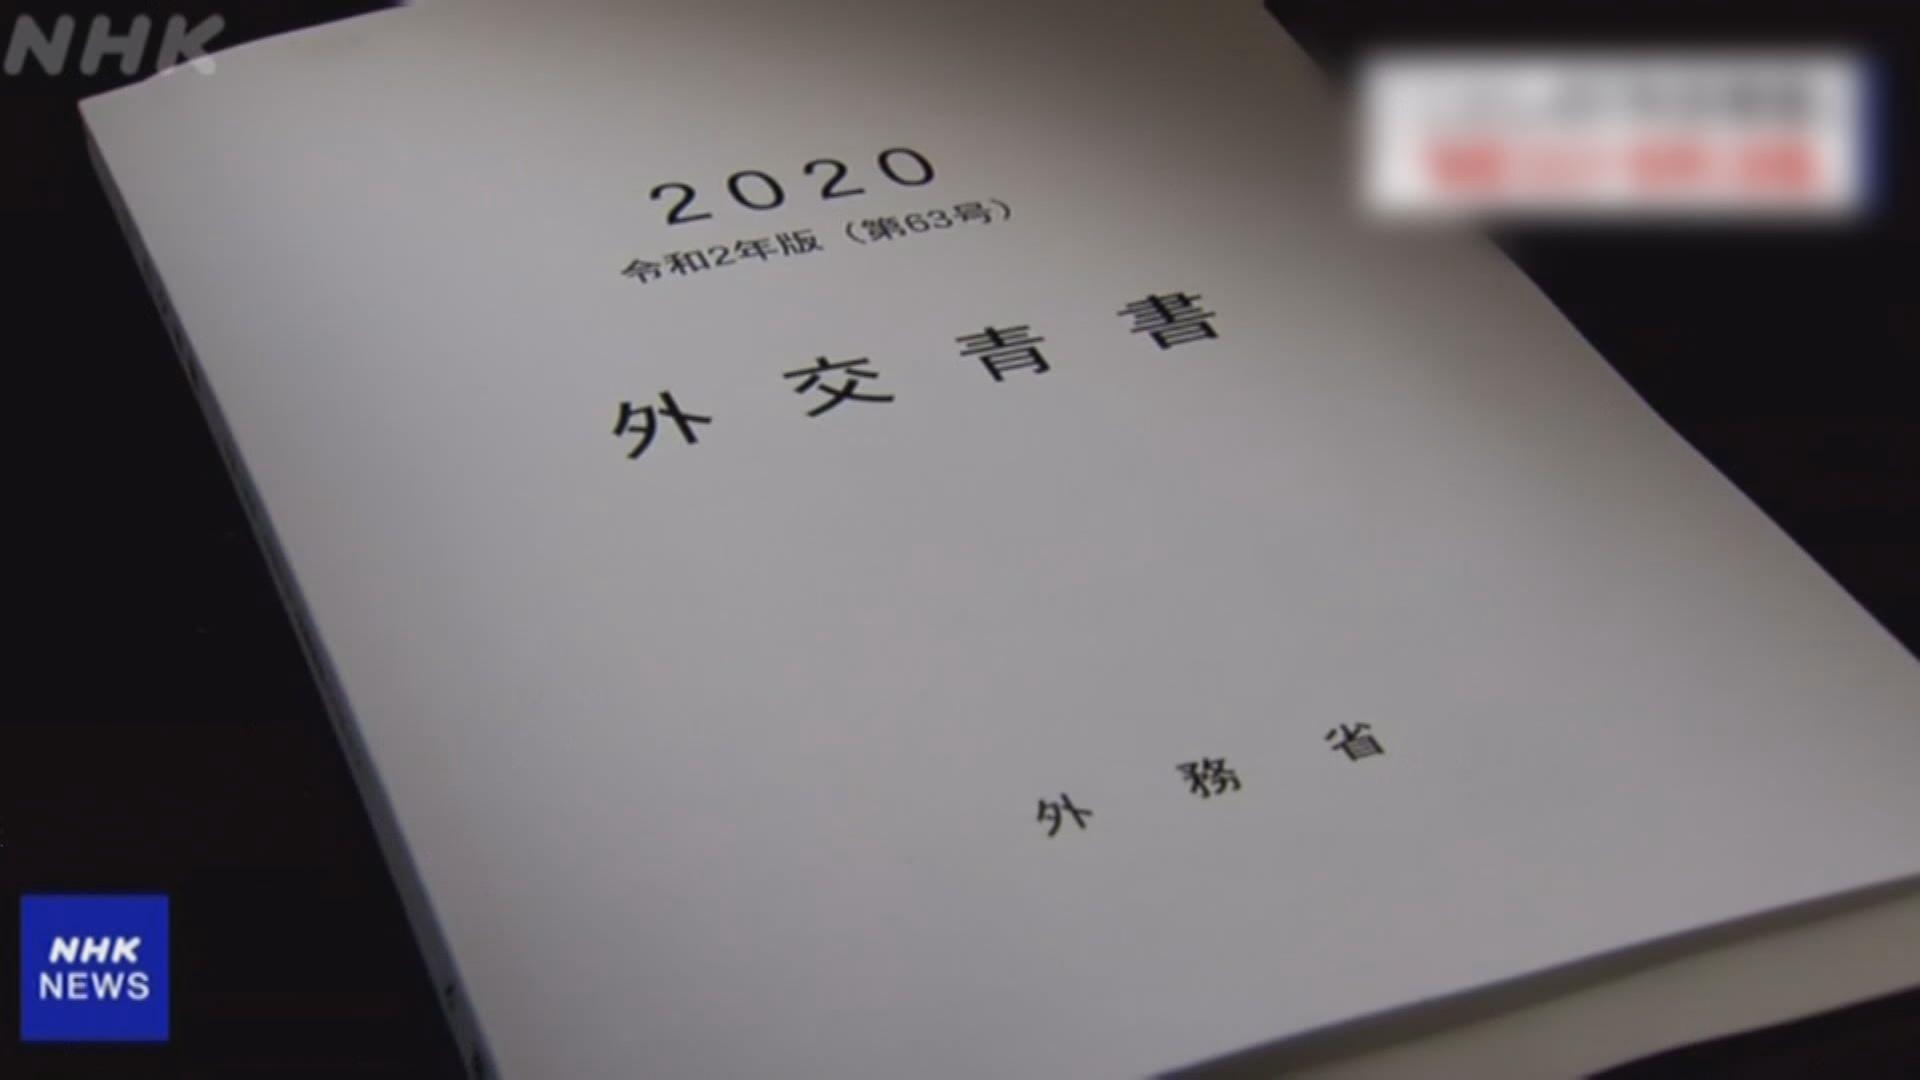 日本外交藍皮書提到支持台灣參加世界衛生大會